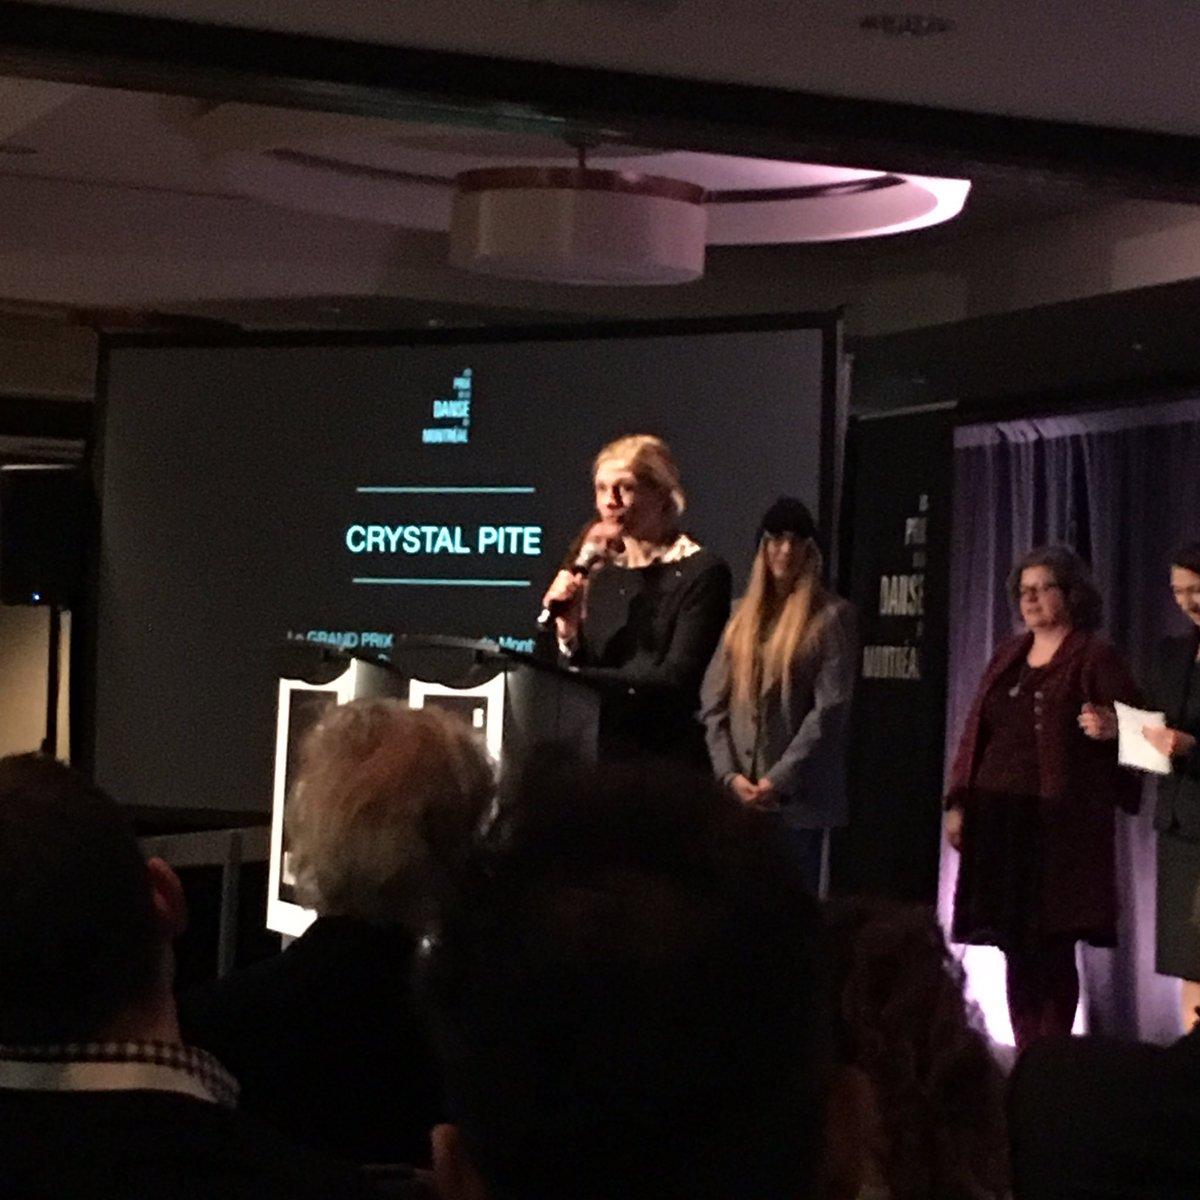 Congratulations to Artistic Director Crystal Pite! Le Grand Prix @PrixDanseMTL !